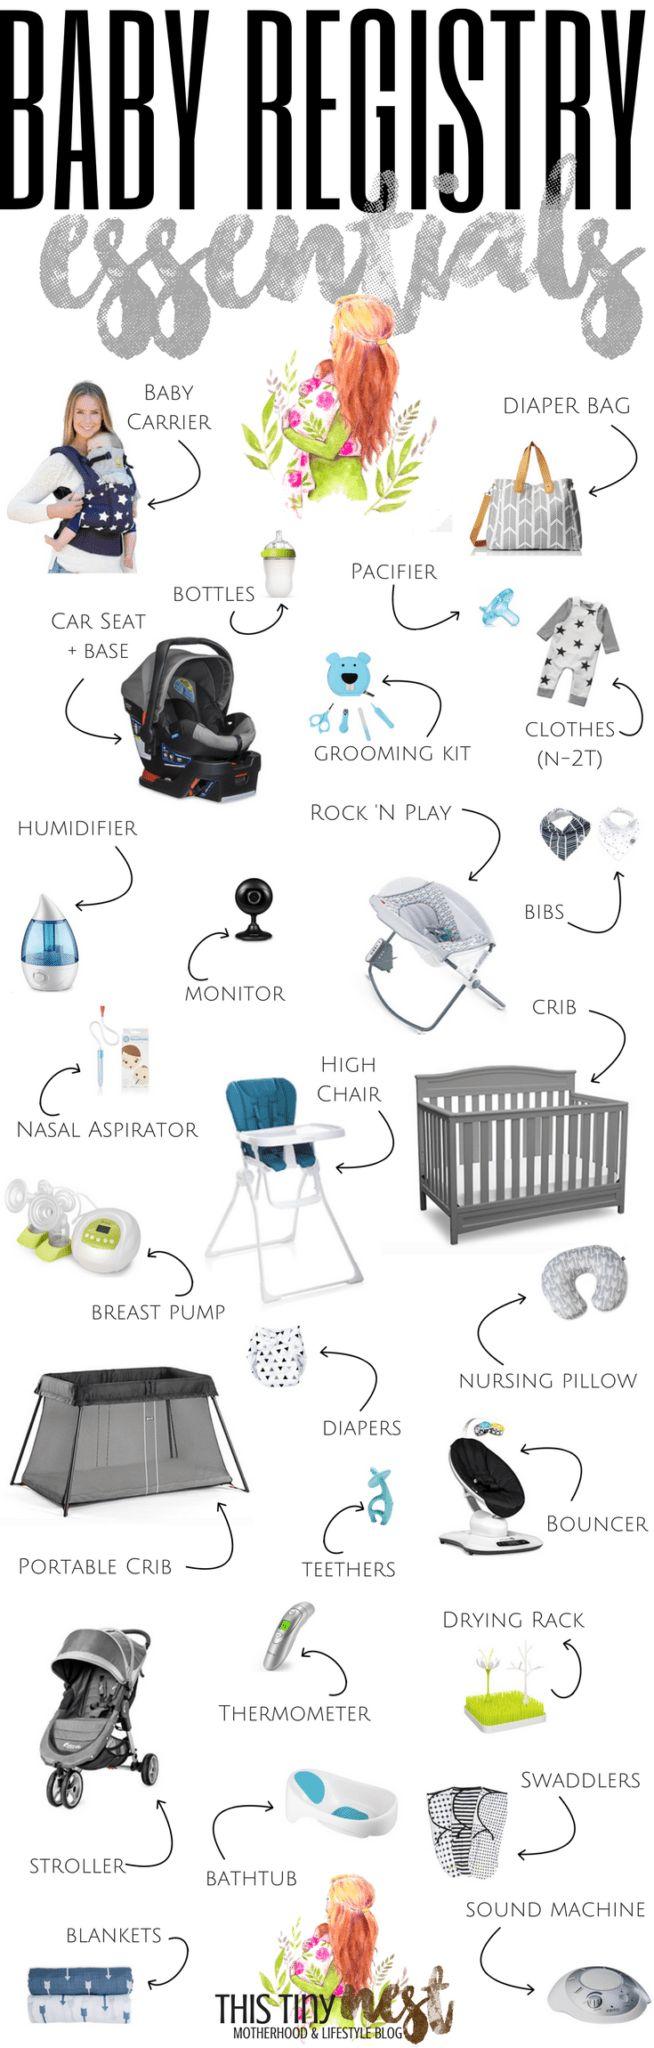 BABY REGISTRY ESSENTIALS (  Free Checklist!) - ThisTinyNest.com #newbornessentials #babyregistry #babymusthaves #mommusthaves #registry #freechecklist